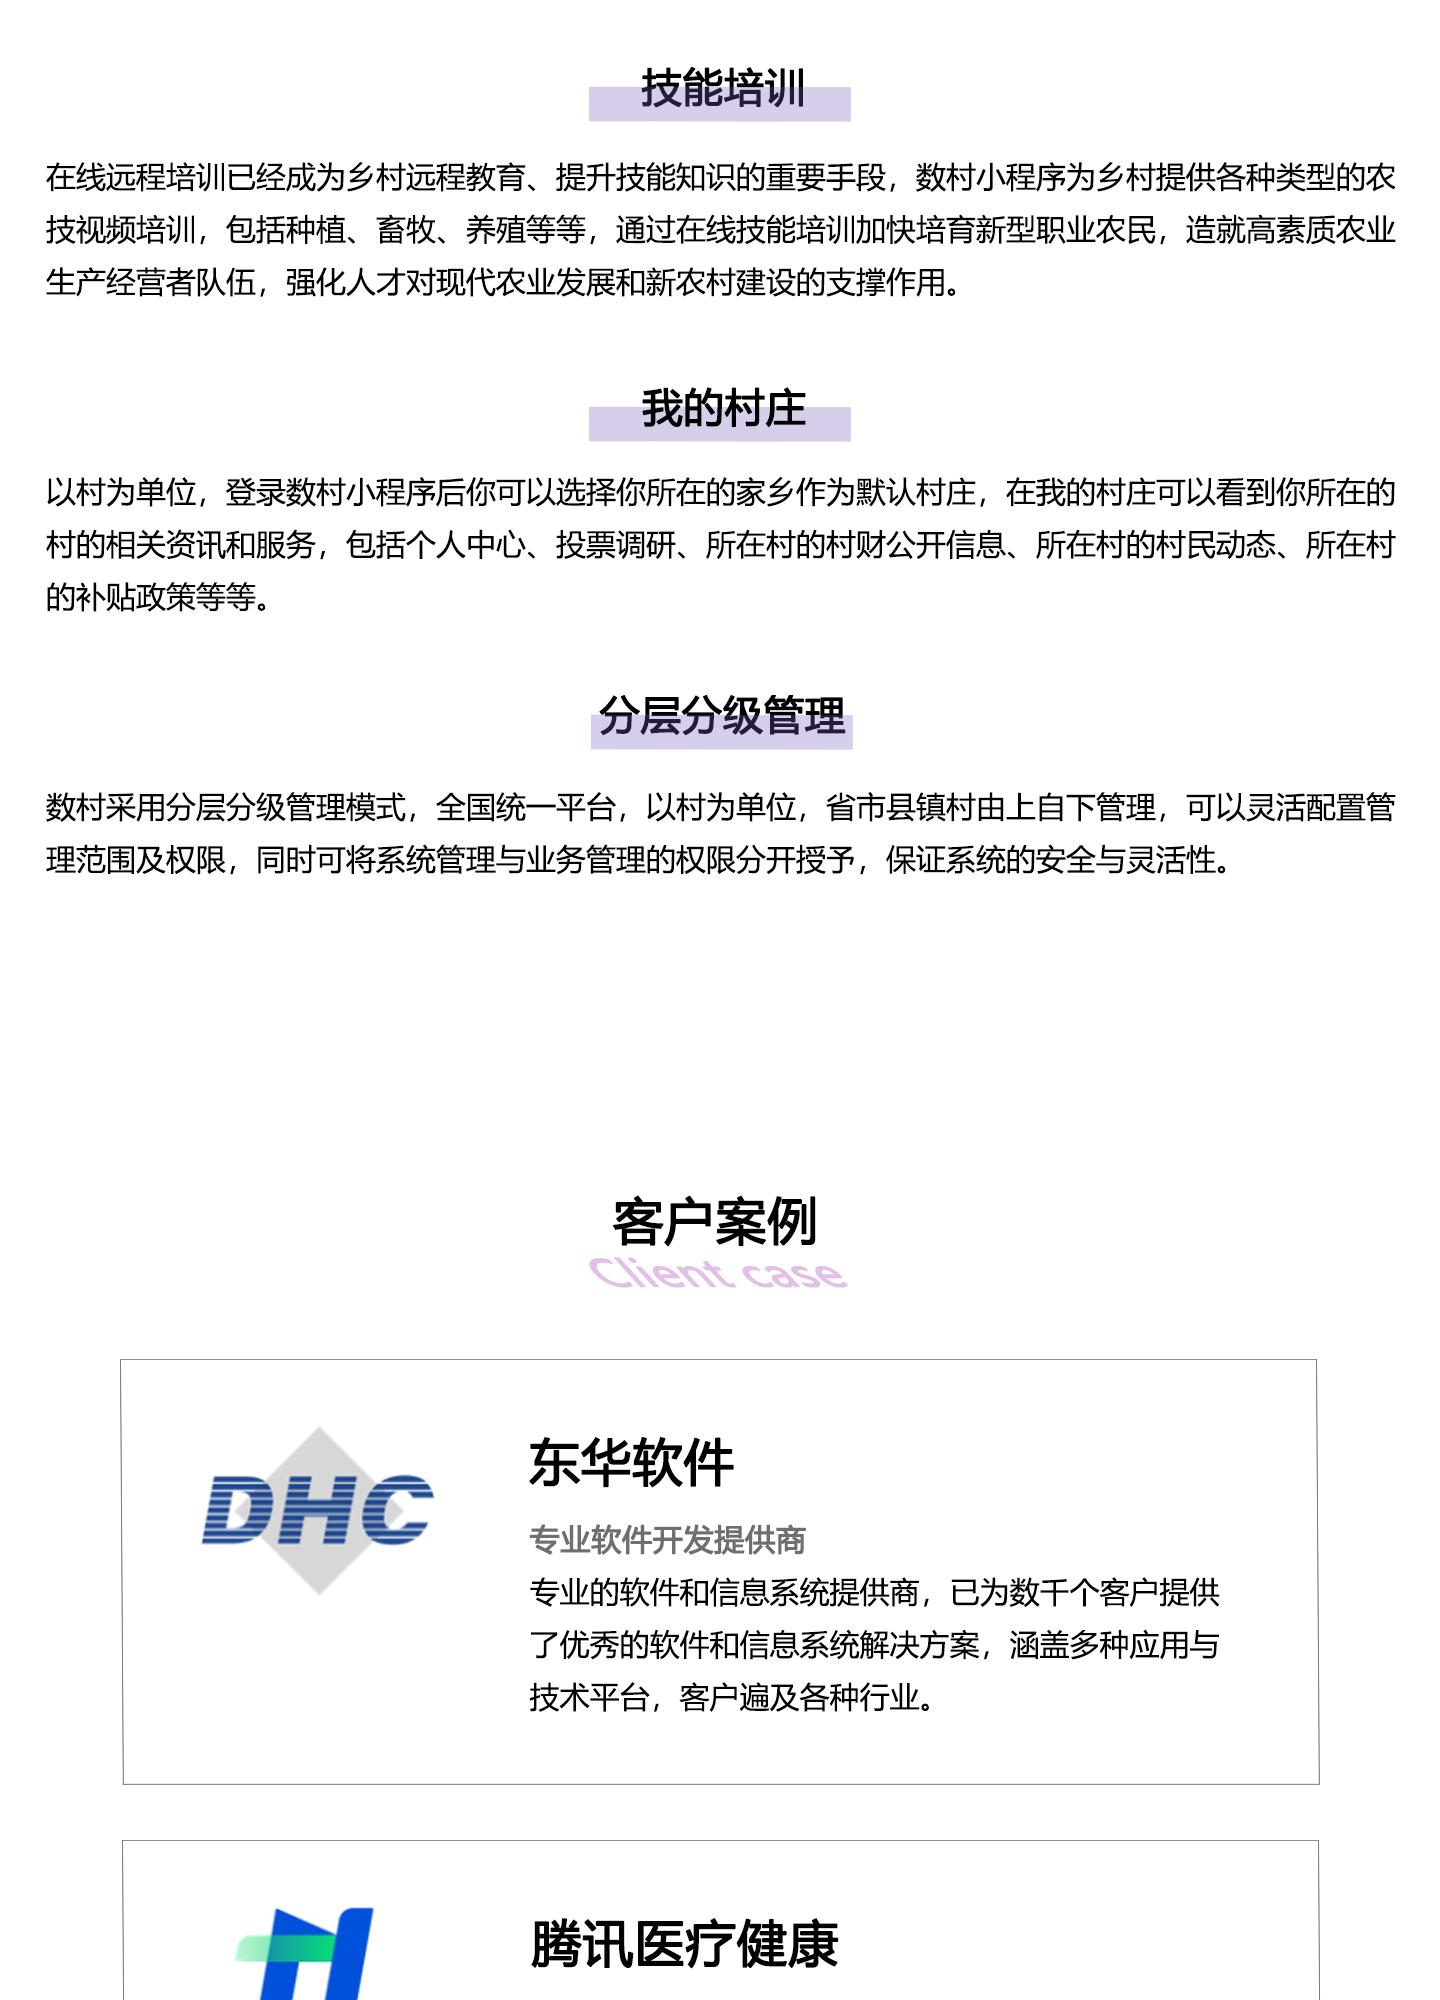 腾讯数字农村-TDC1440_08.jpg